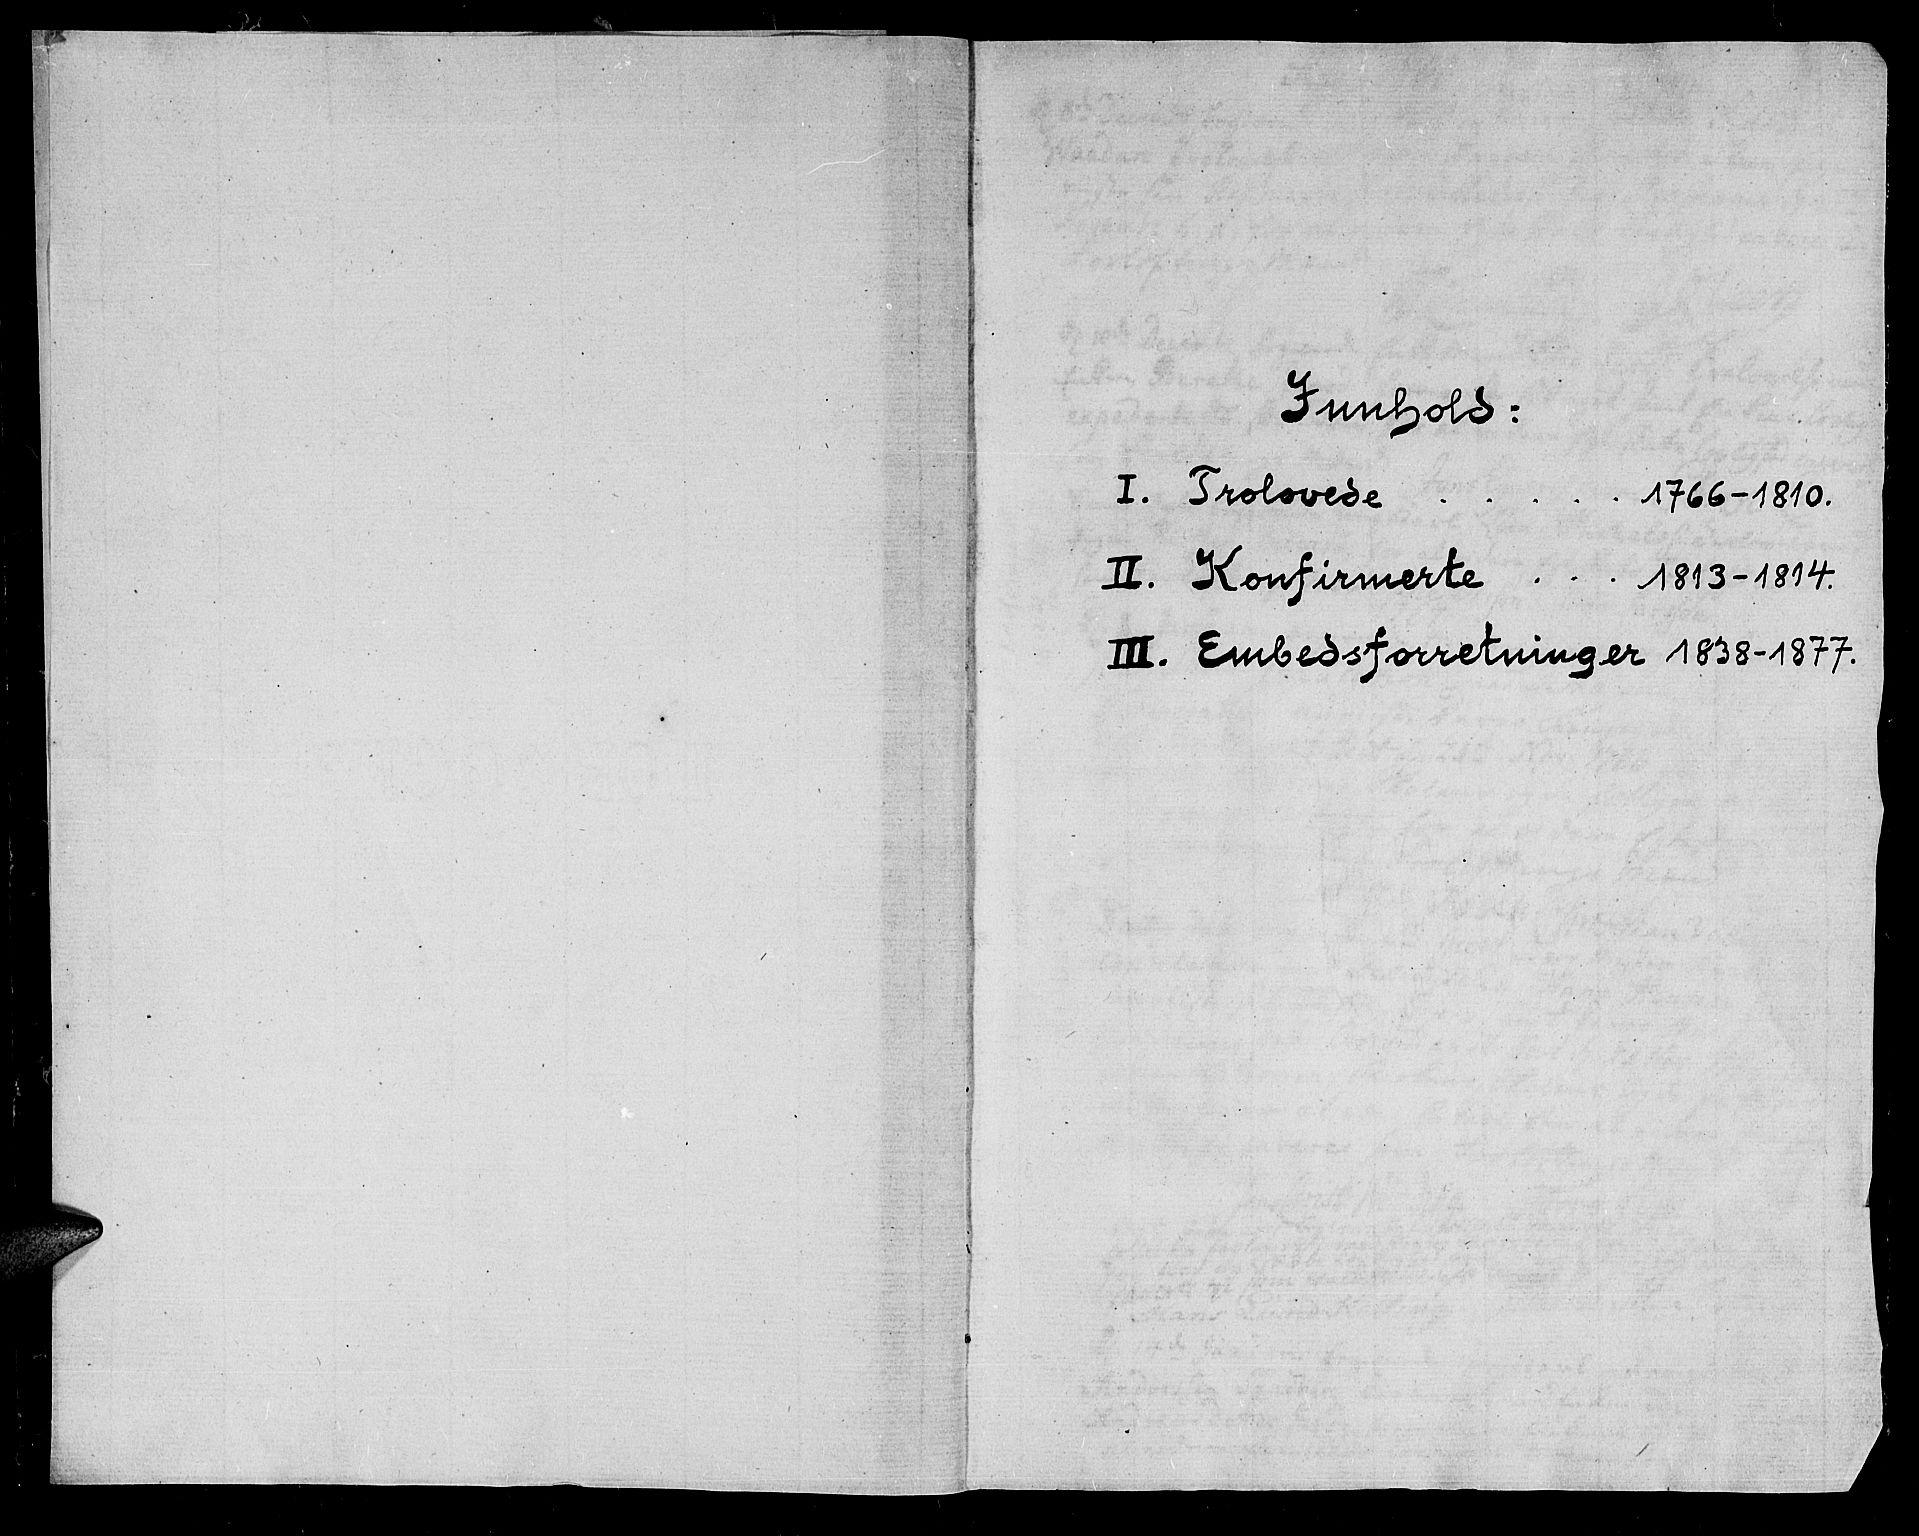 SAT, Ministerialprotokoller, klokkerbøker og fødselsregistre - Sør-Trøndelag, 601/L0038: Ministerialbok nr. 601A06, 1766-1877